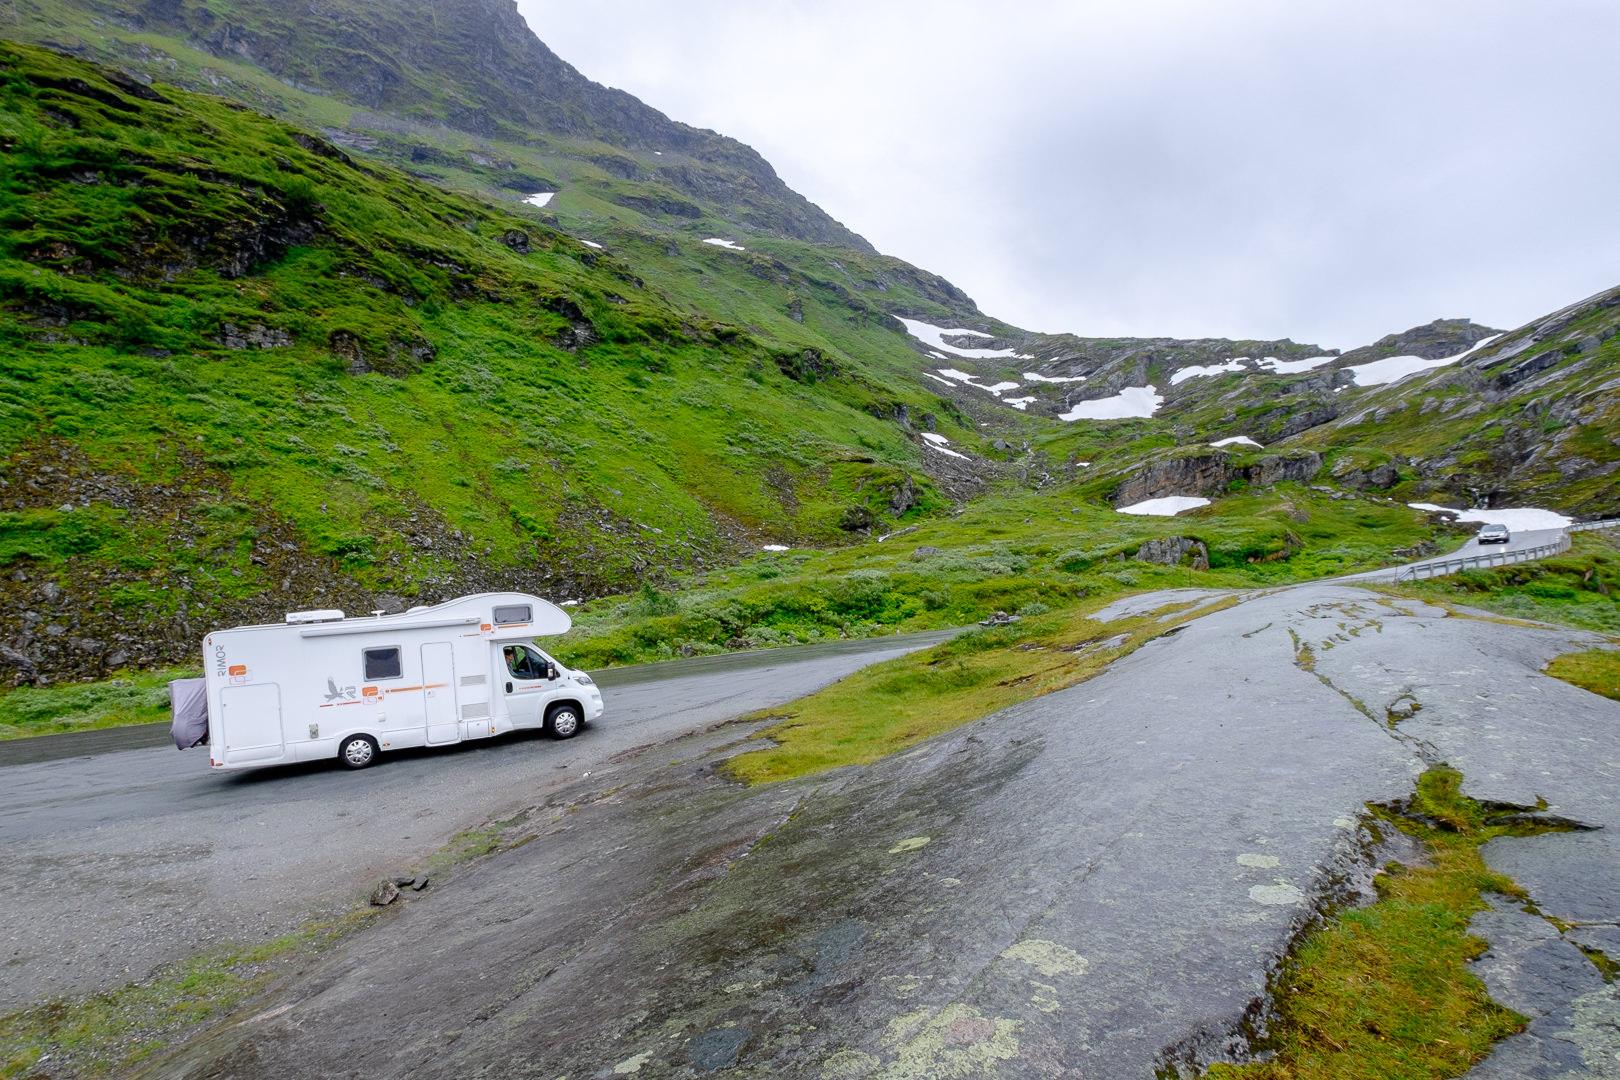 DSCF2725 Kamper czyli jak rodziła się nasza fascynacja Lato 2016 Norwegia